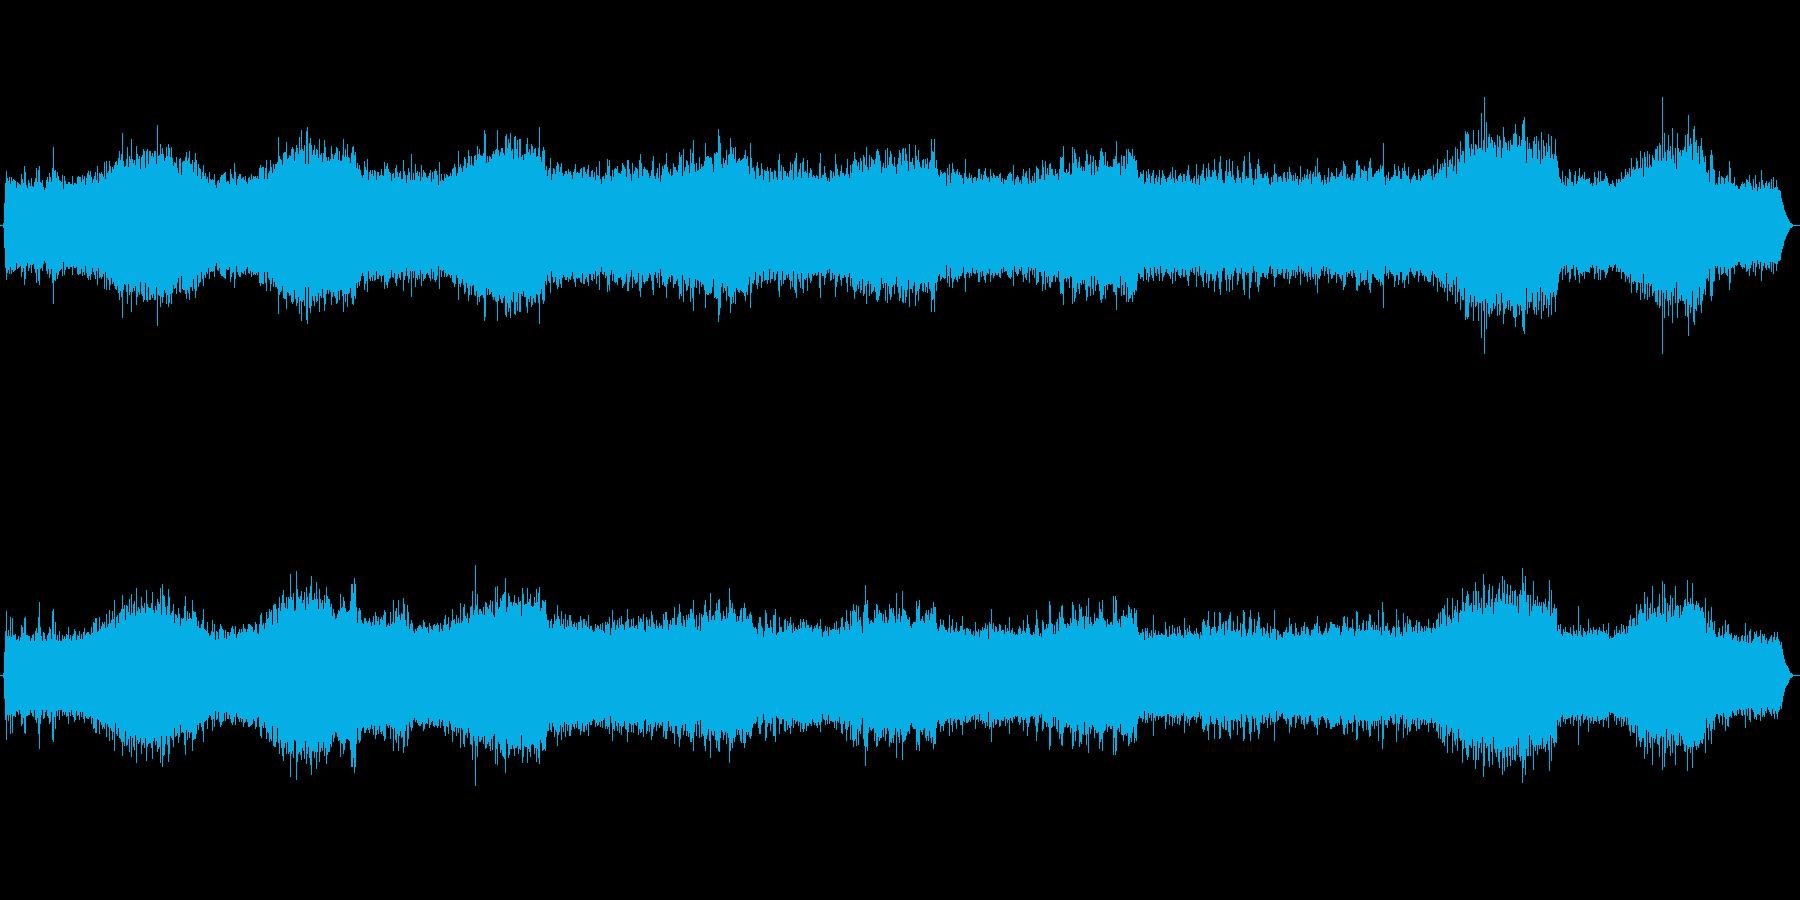 沢山のセミが元気よく鳴く音ですの再生済みの波形